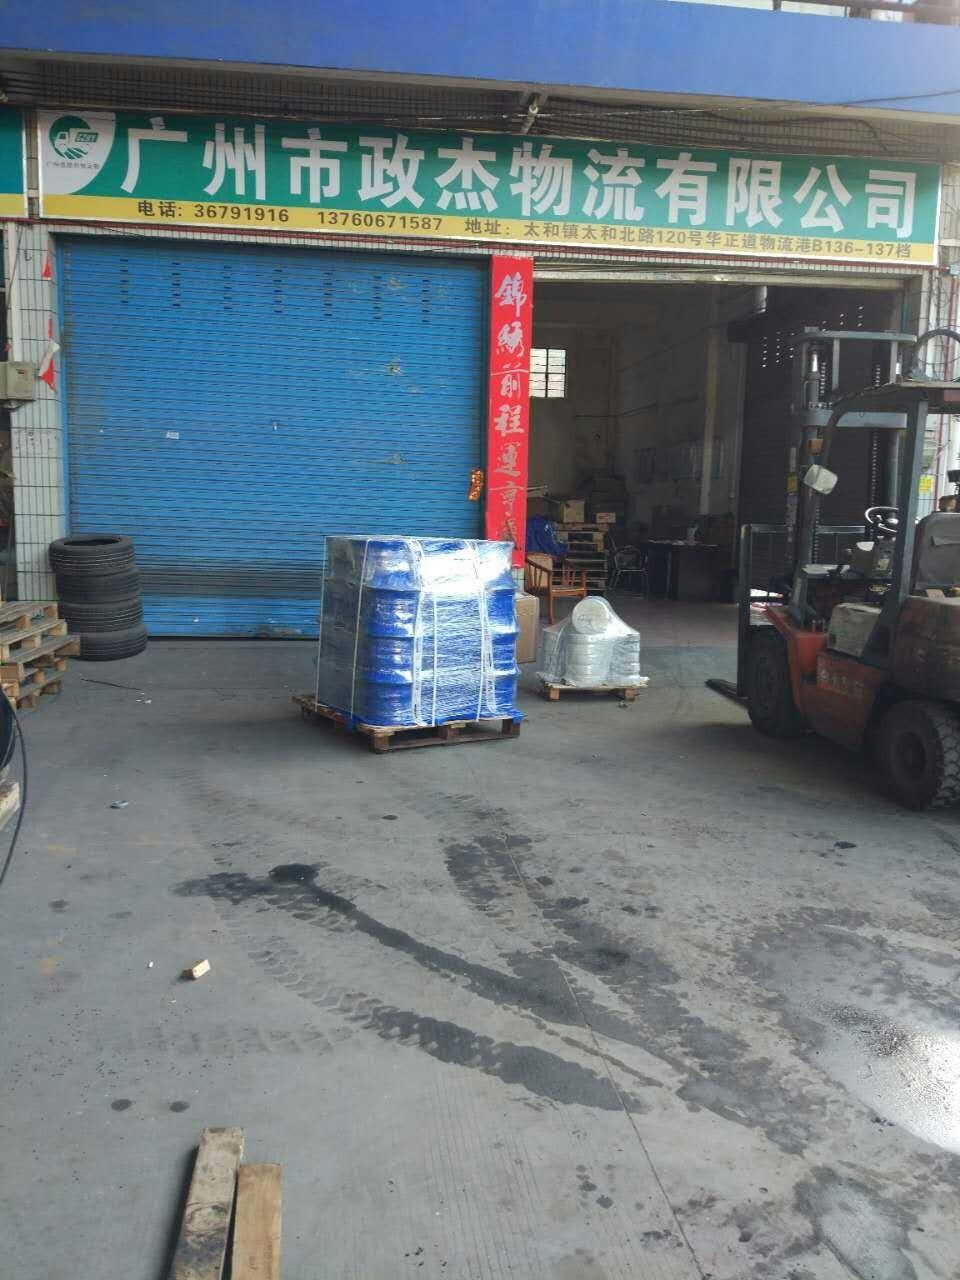 广州到怀化物流专线(广州市顺丰货运中心)